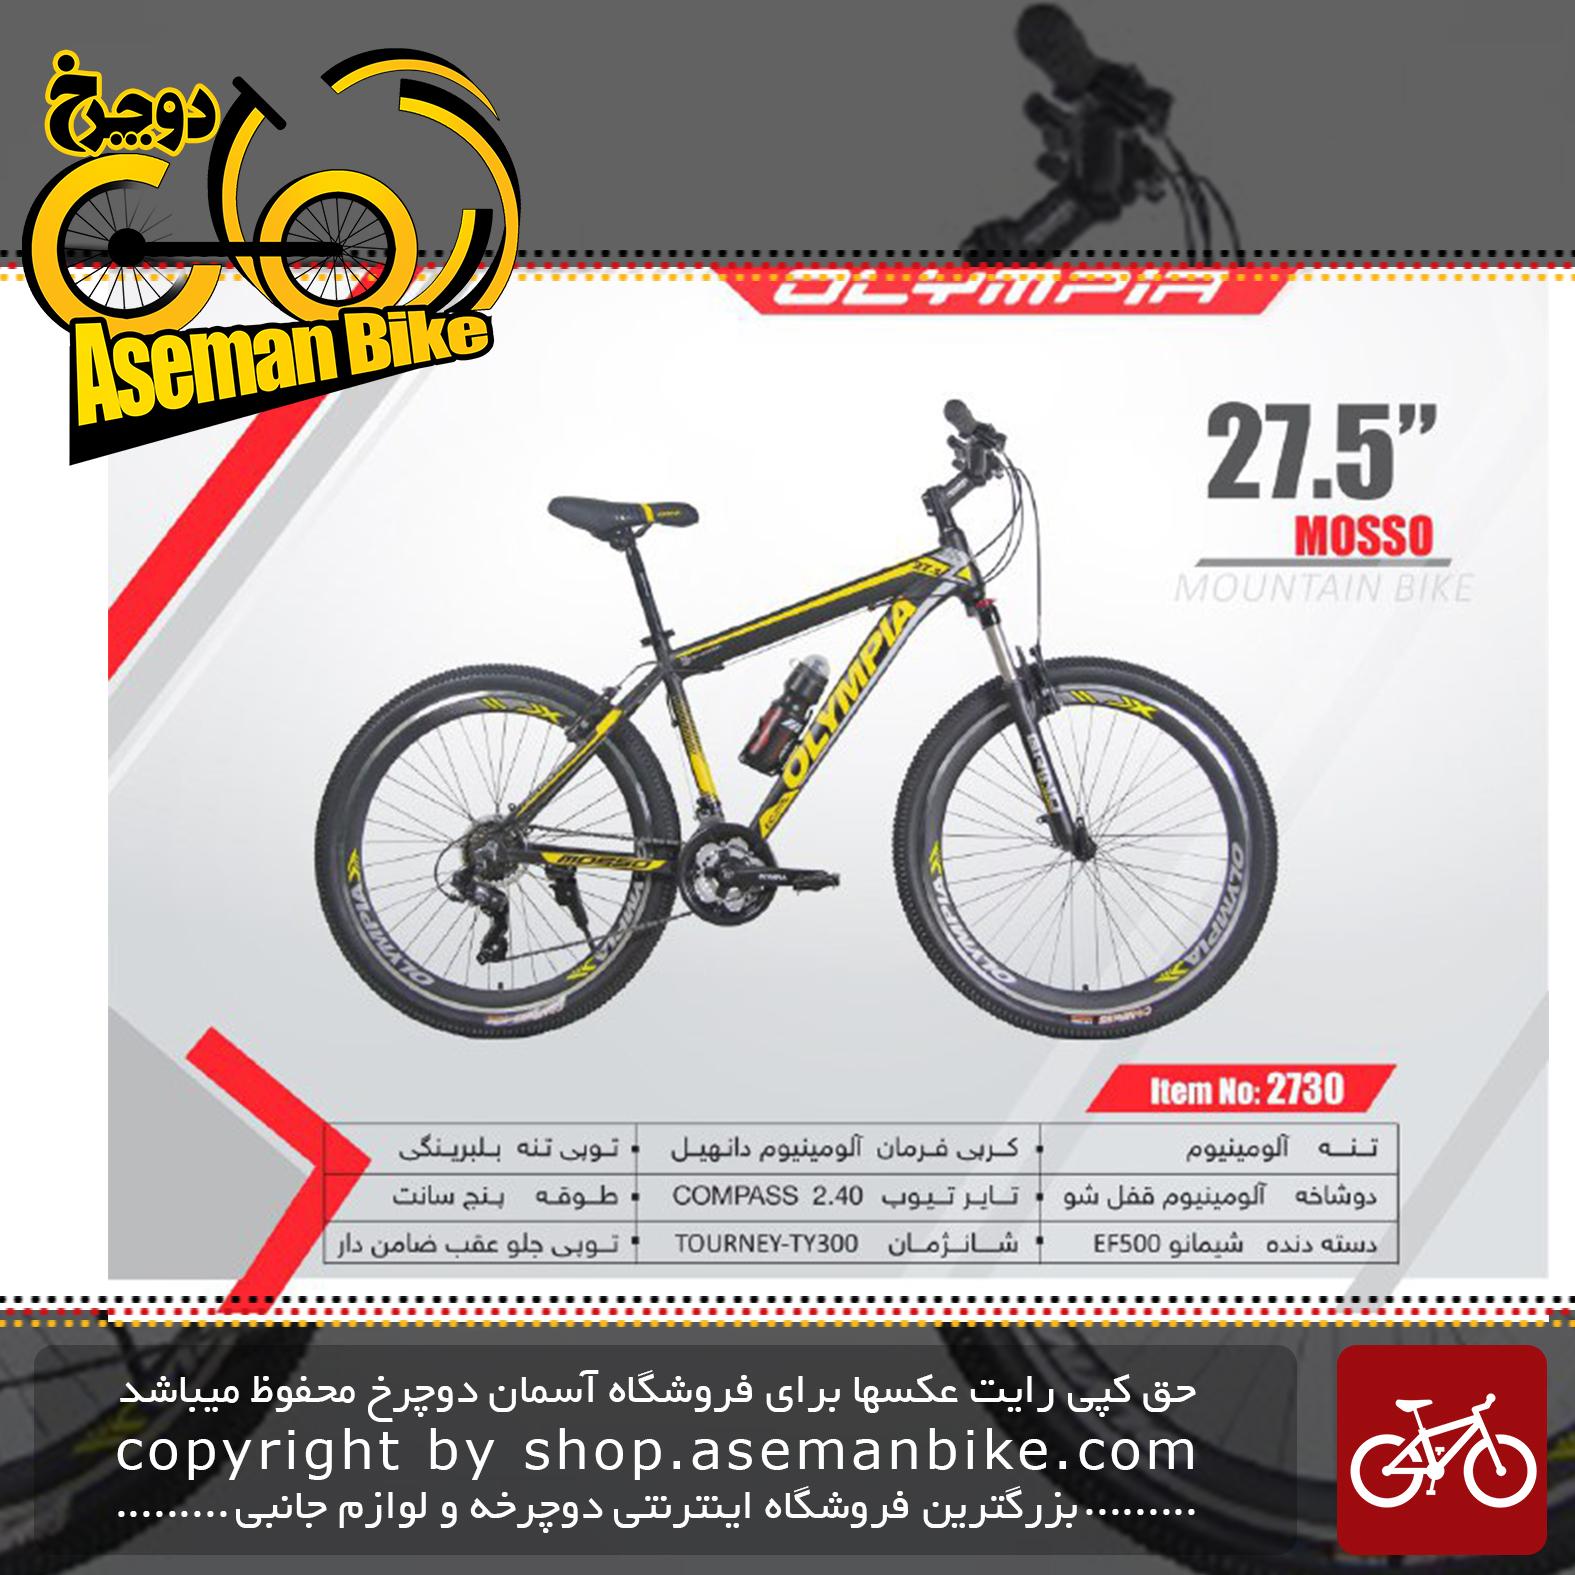 دوچرخه کوهستان المپیا سایز 27.5مدل موسو OLYMPIA SIZE 27.5 MOSSO